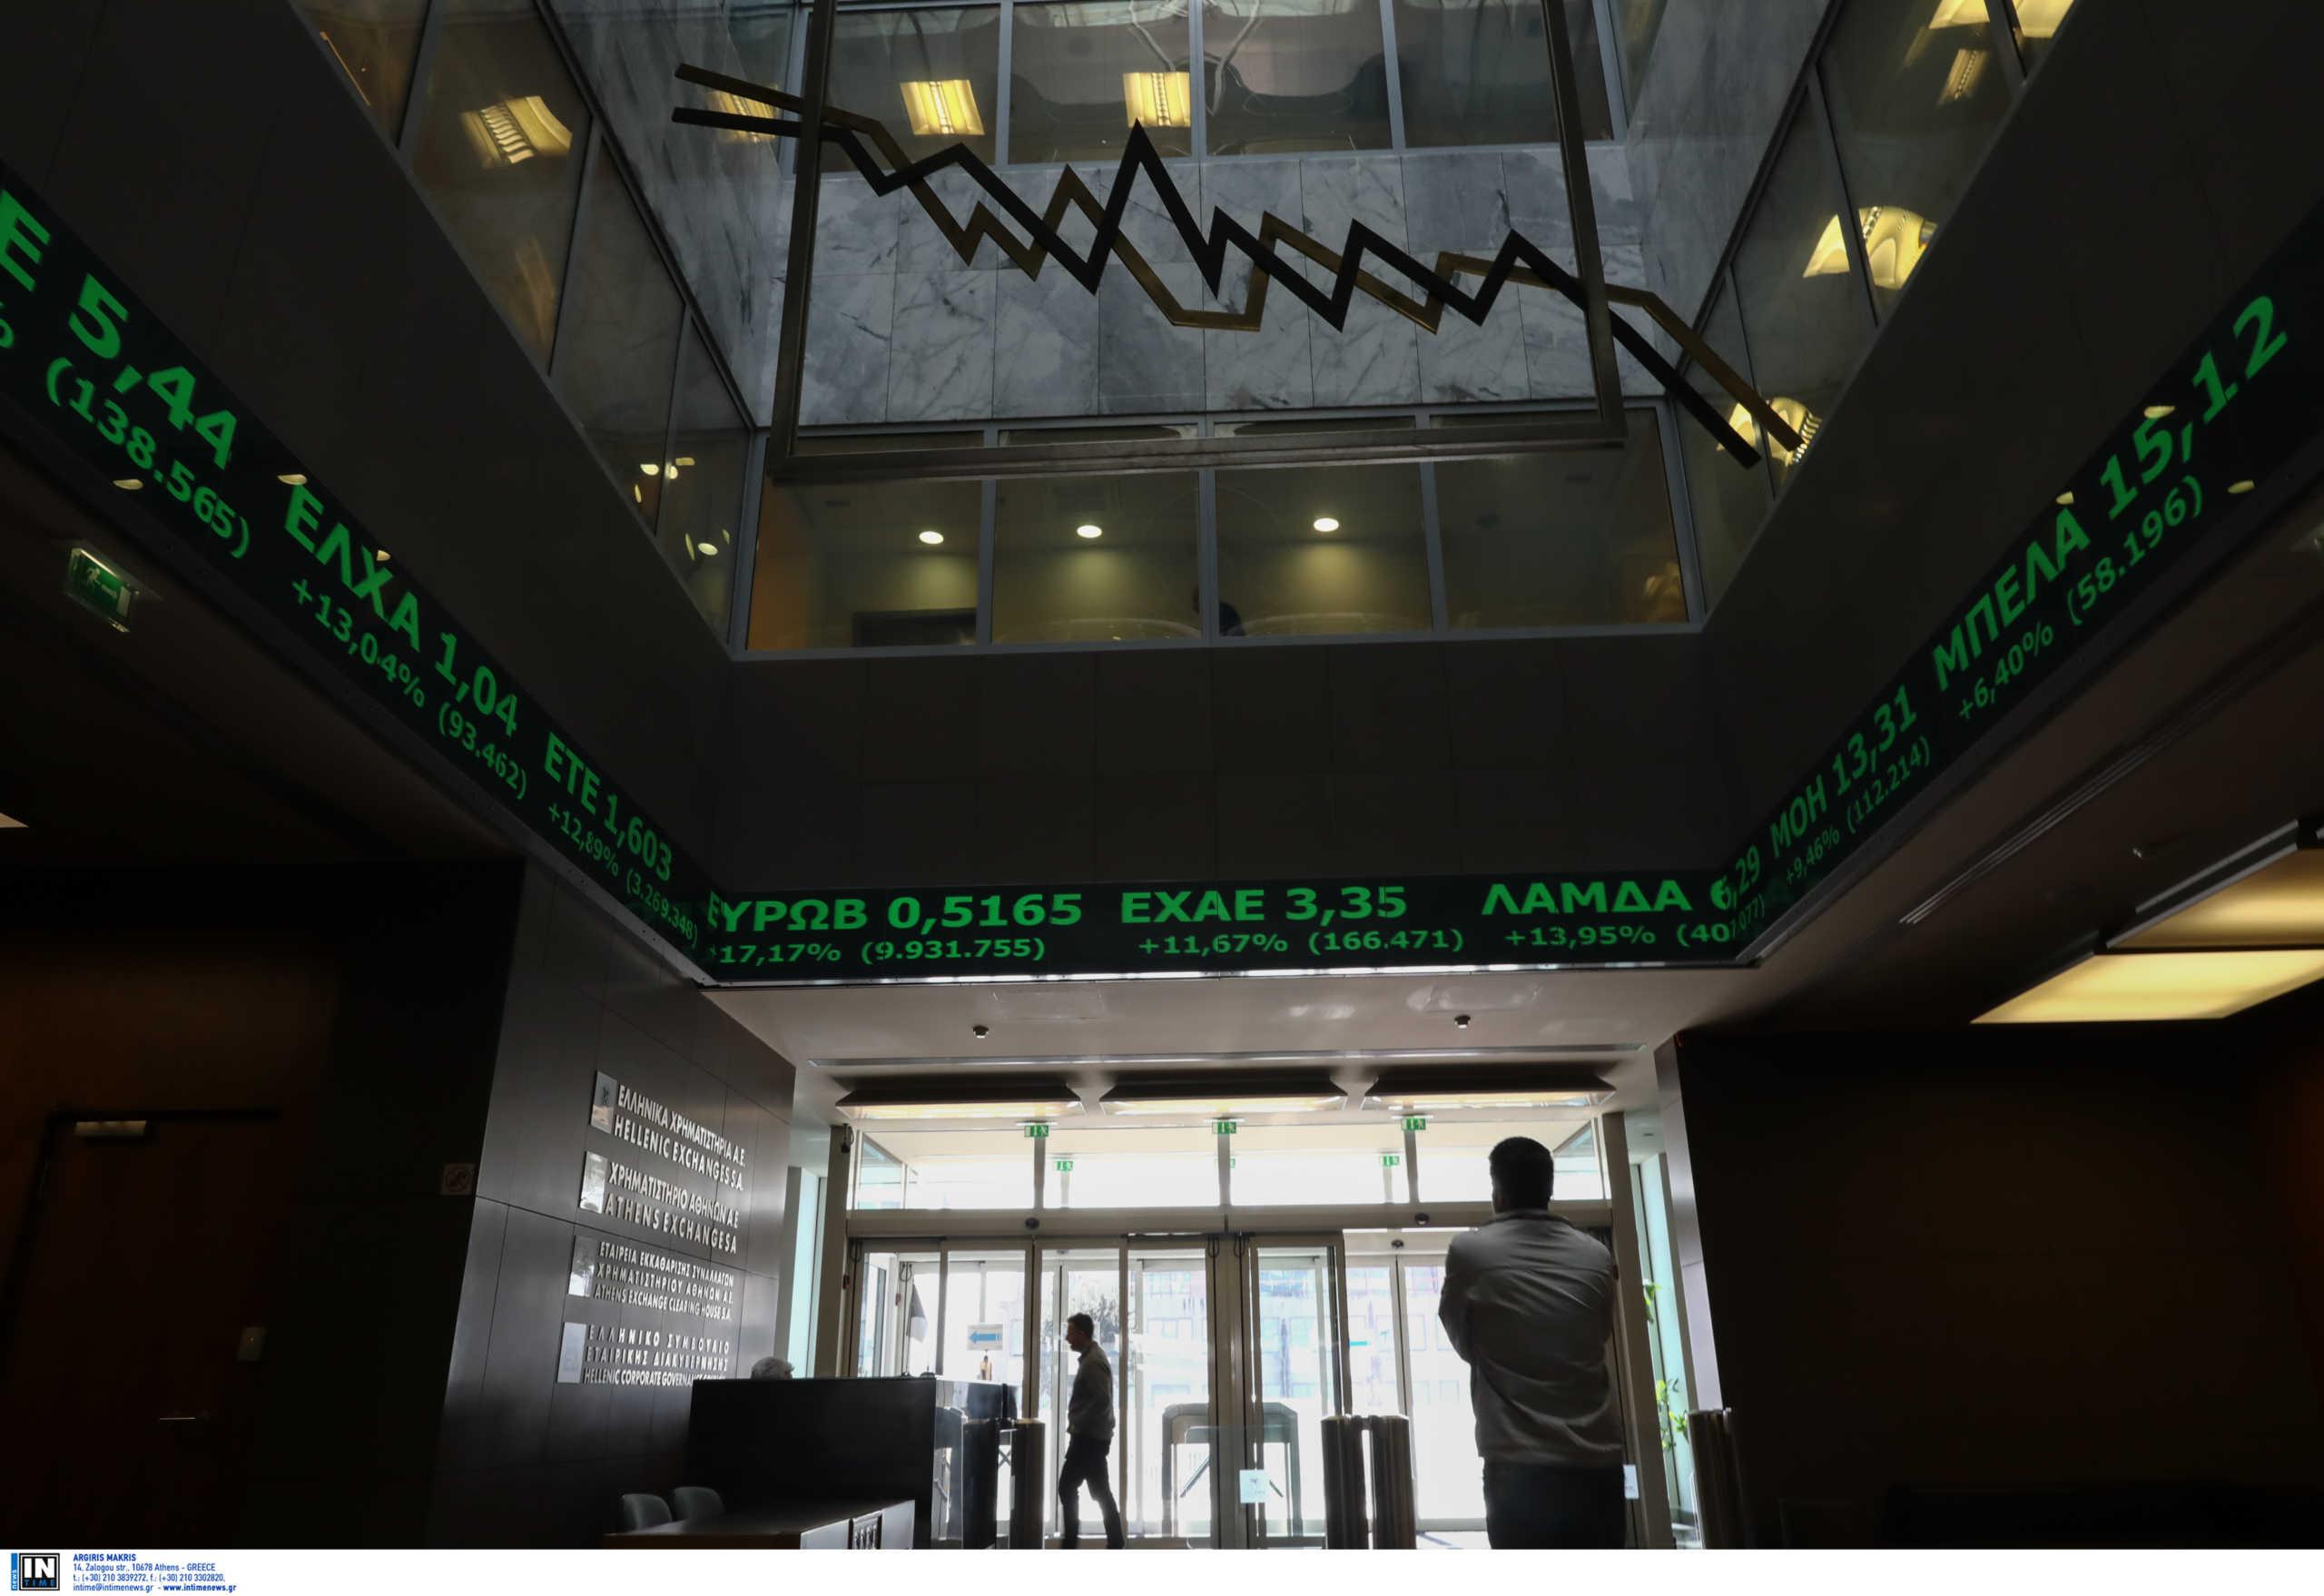 Αυτή είναι η κατάταξη των χρηματιστηριακών εταιρειών τον Ιανουάριο